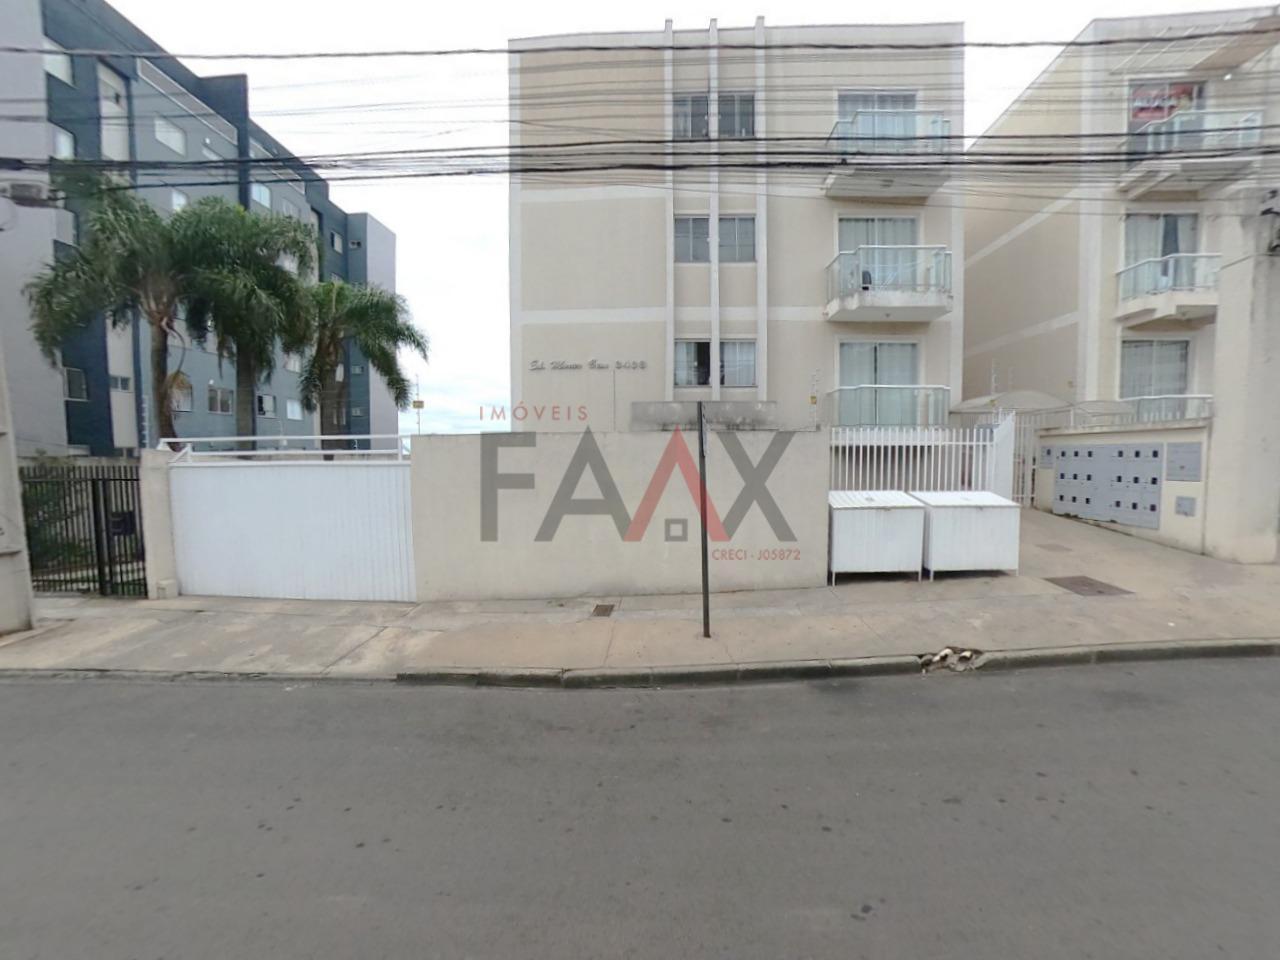 Apartamento com 2 dormitórios à venda,104.80m², SANTA CRUZ, GUARAPUAVA - PR